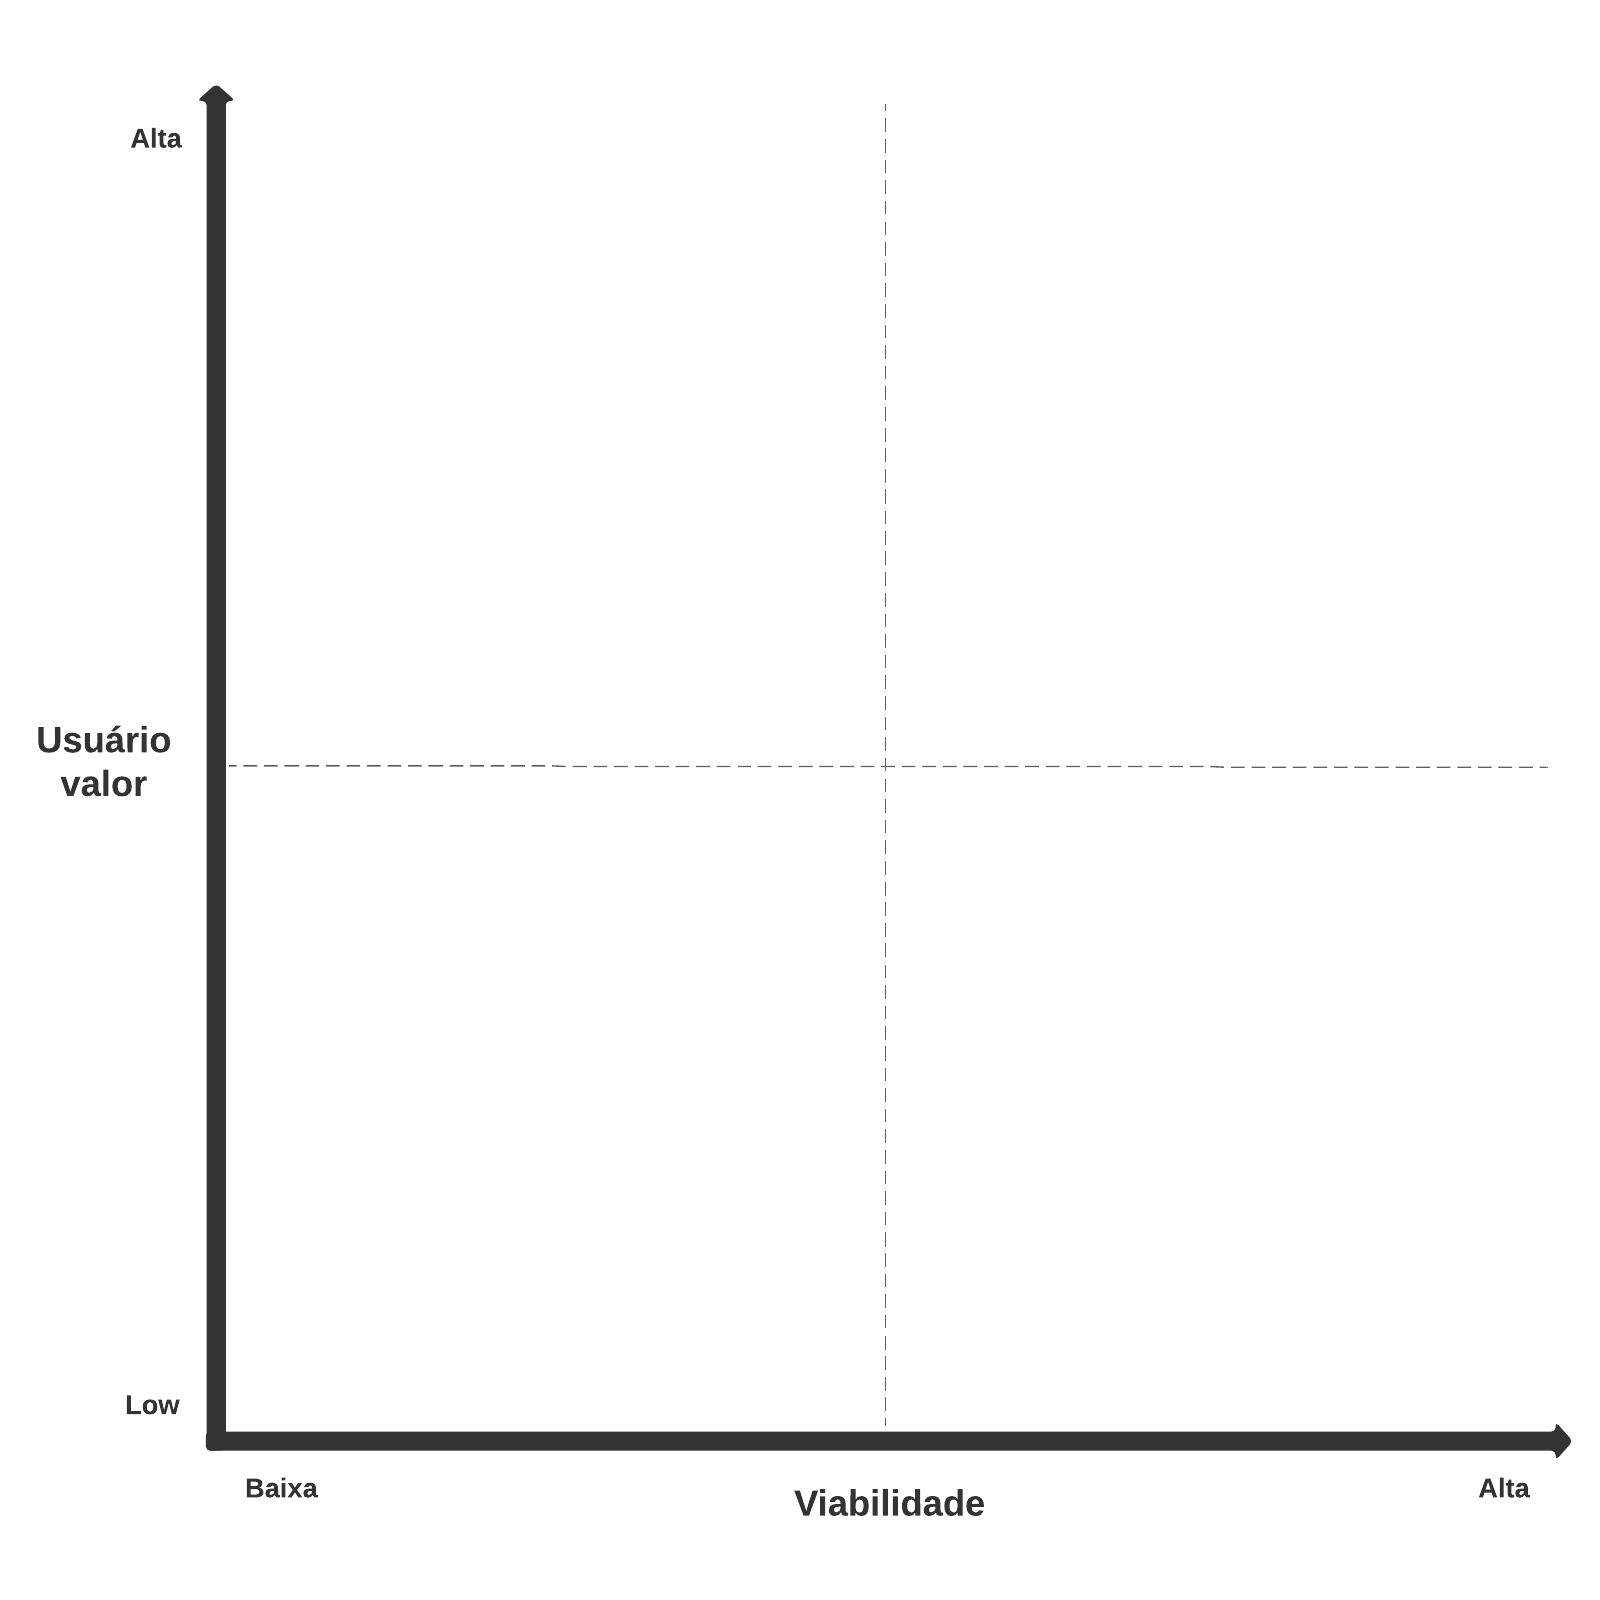 Gráfico de quadrantes cartesiano